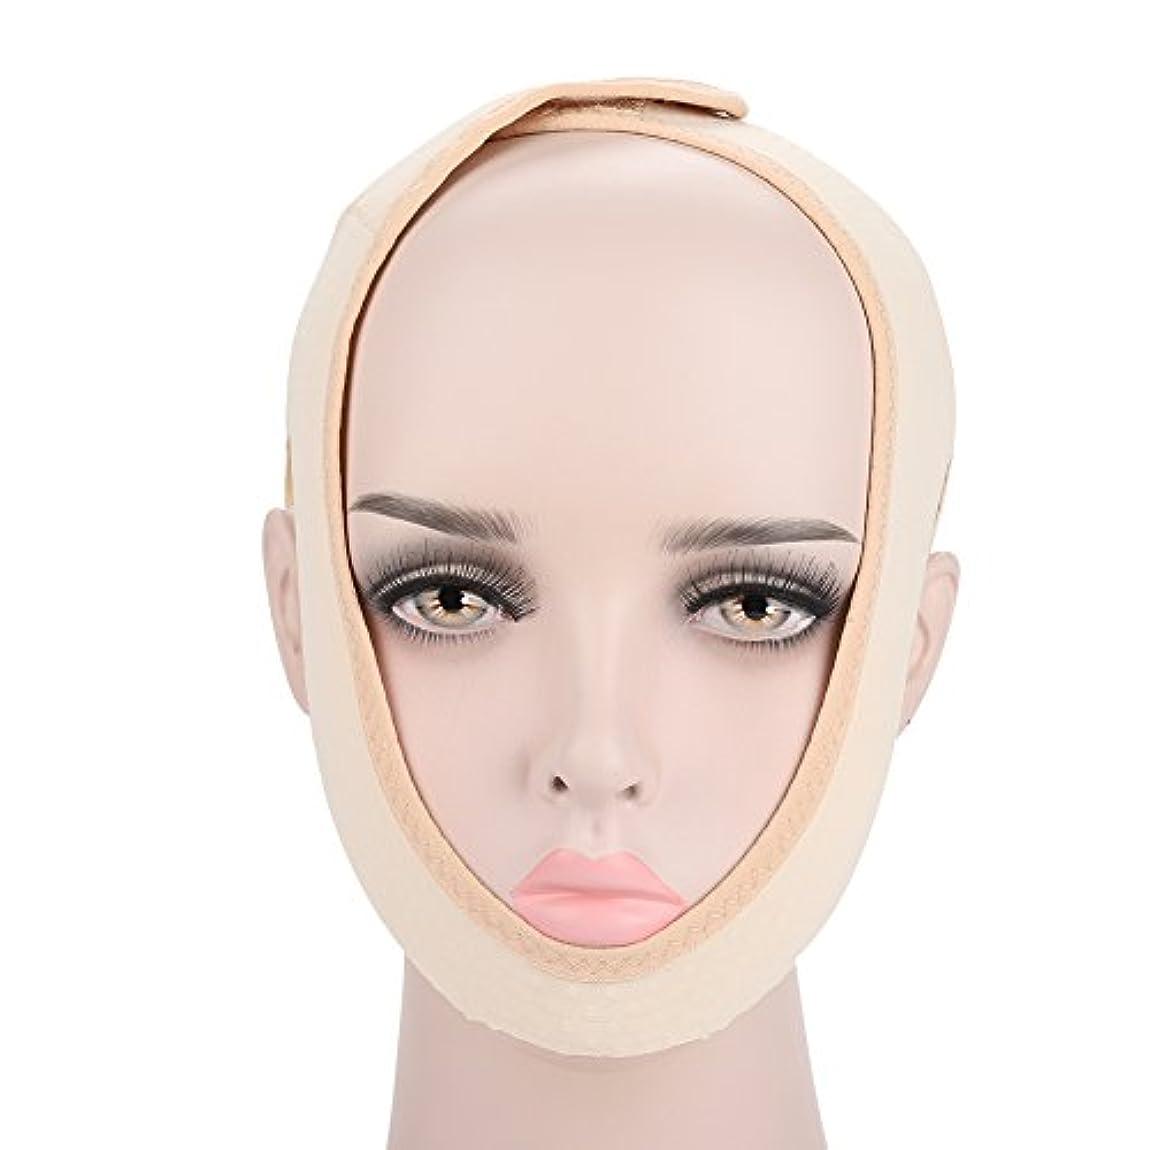 デッキ入場料スチュワーデス顔の輪郭を改善するための顔の痩身マスク、通気性と伸縮性、二重あごを和らげ、顔の手術とリハビリ